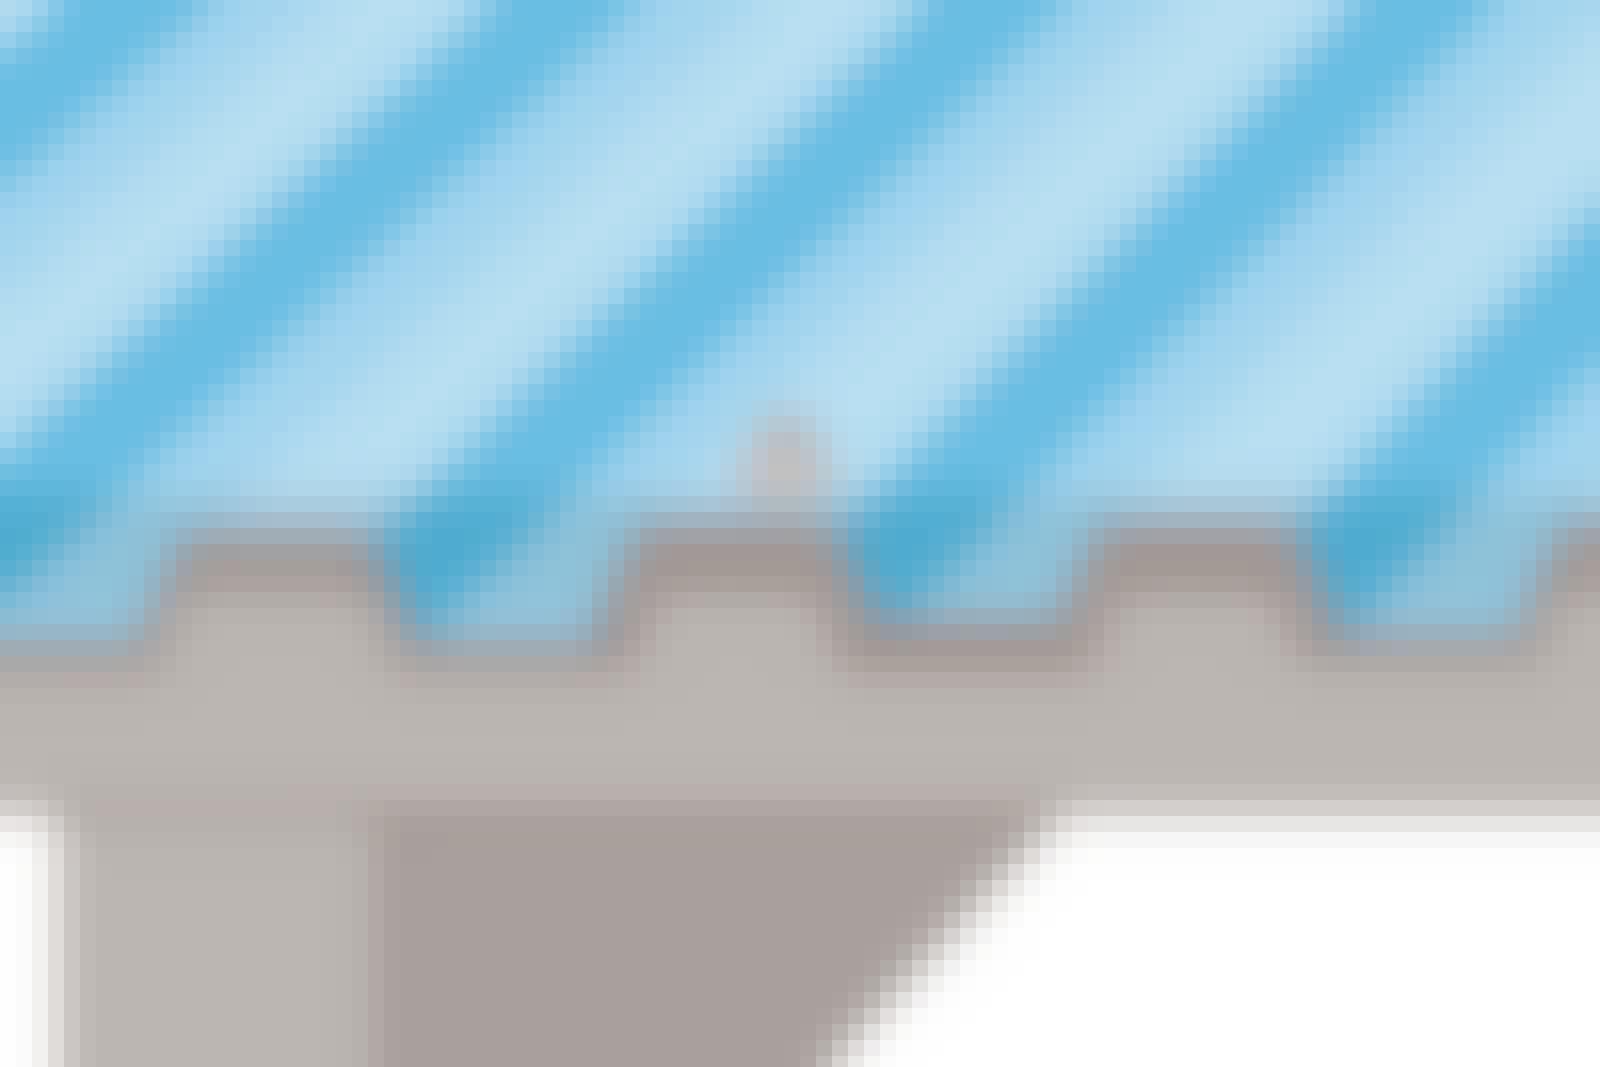 Trapesplater skal alltid skjøtes med en overlapp. Normalt to bølgetopper og en bølgedal som vist her.